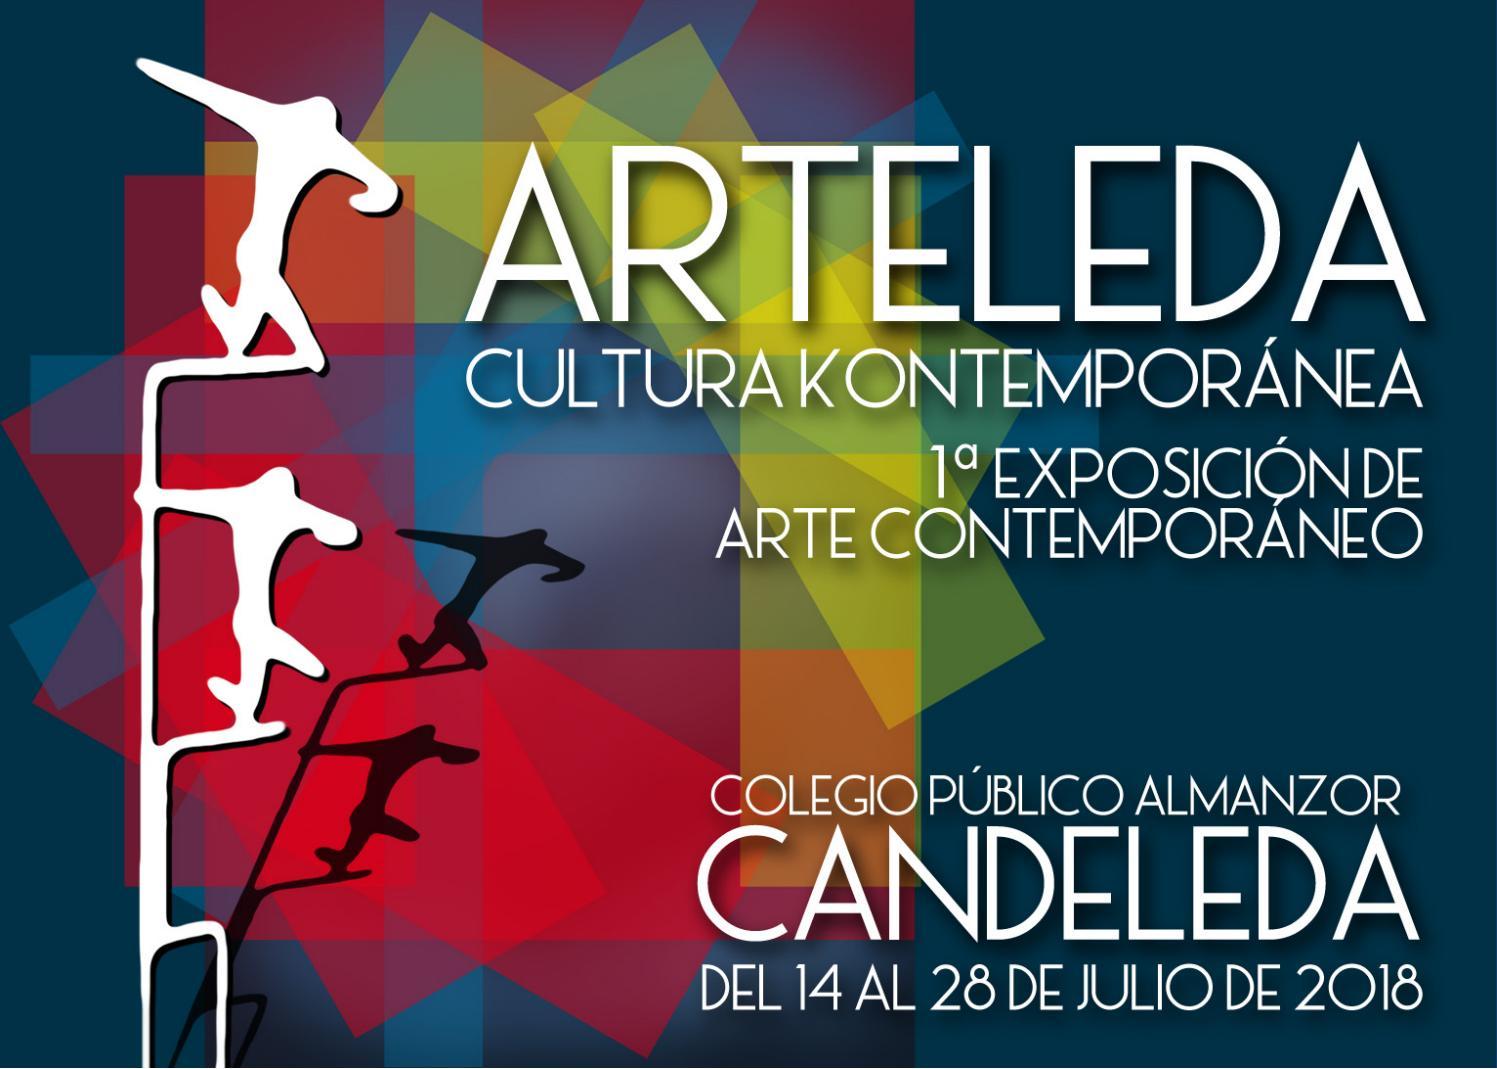 ARTELEDA 2018. CATÁLOGO DE LA EXPOSICIÓN